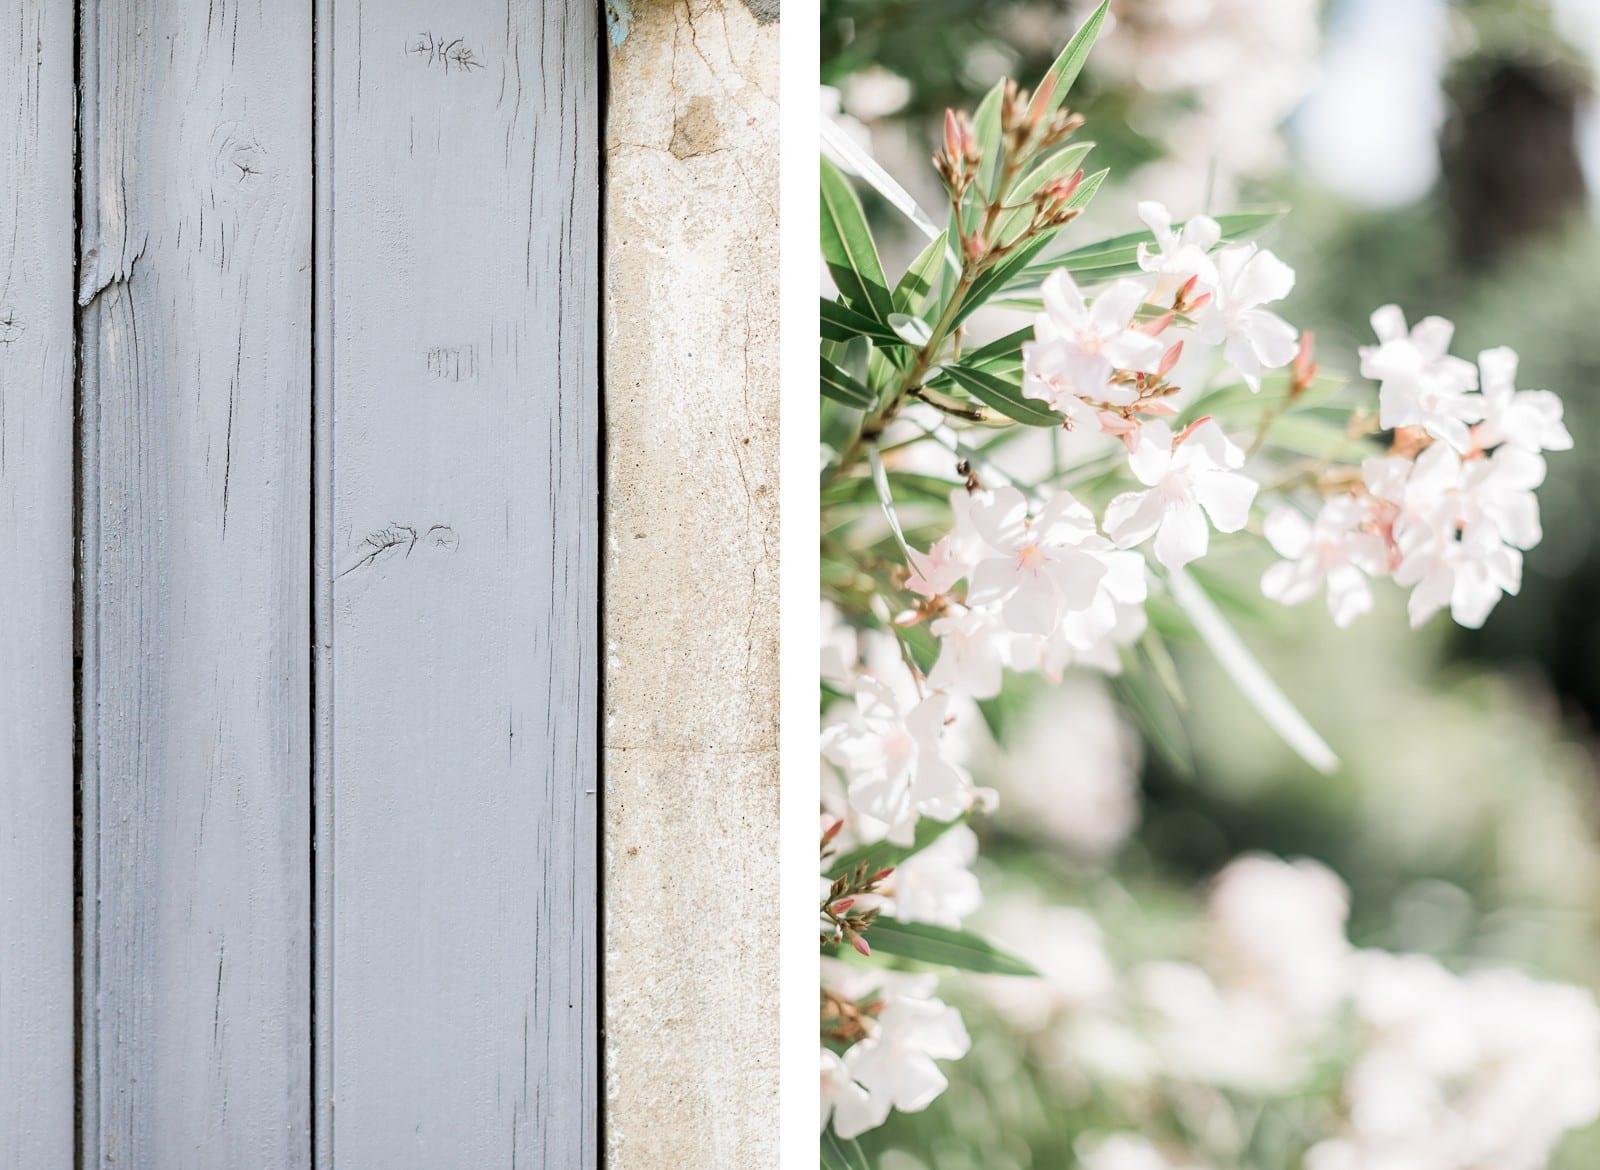 Photographie de Mathieu Dété, photographe de mariage à Saint-Pierre de la Réunion (974), présentant les détails d'une porte et des fleurs de la Villa Brignac